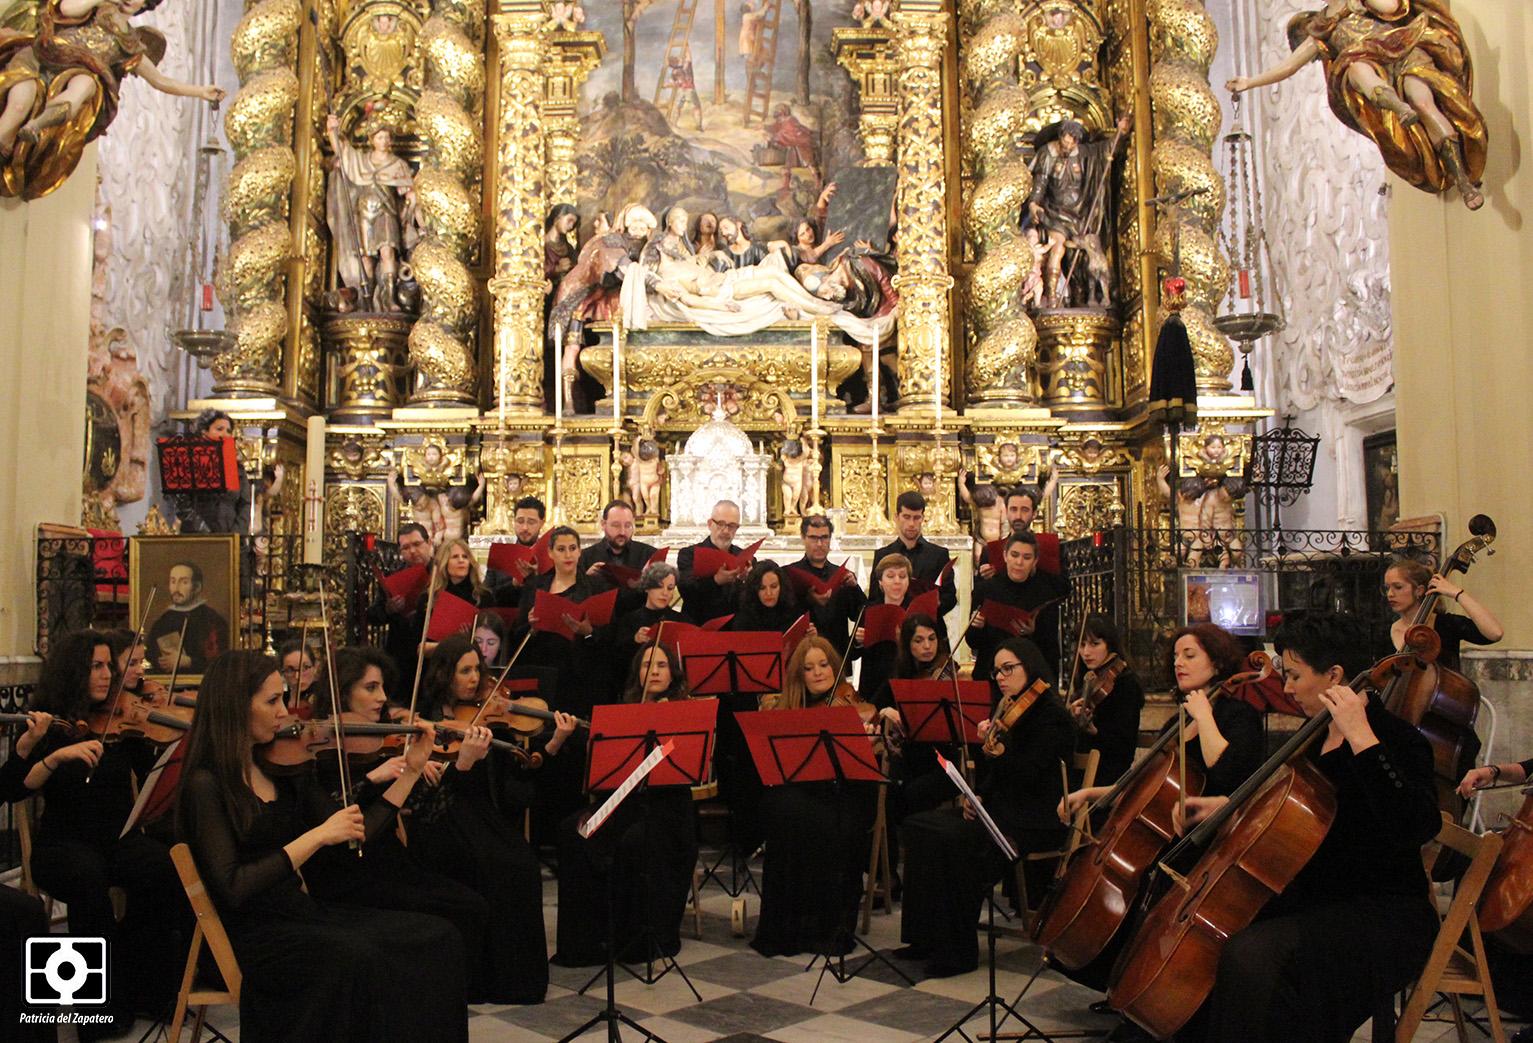 Murillo y el milagro de la música y la palabra